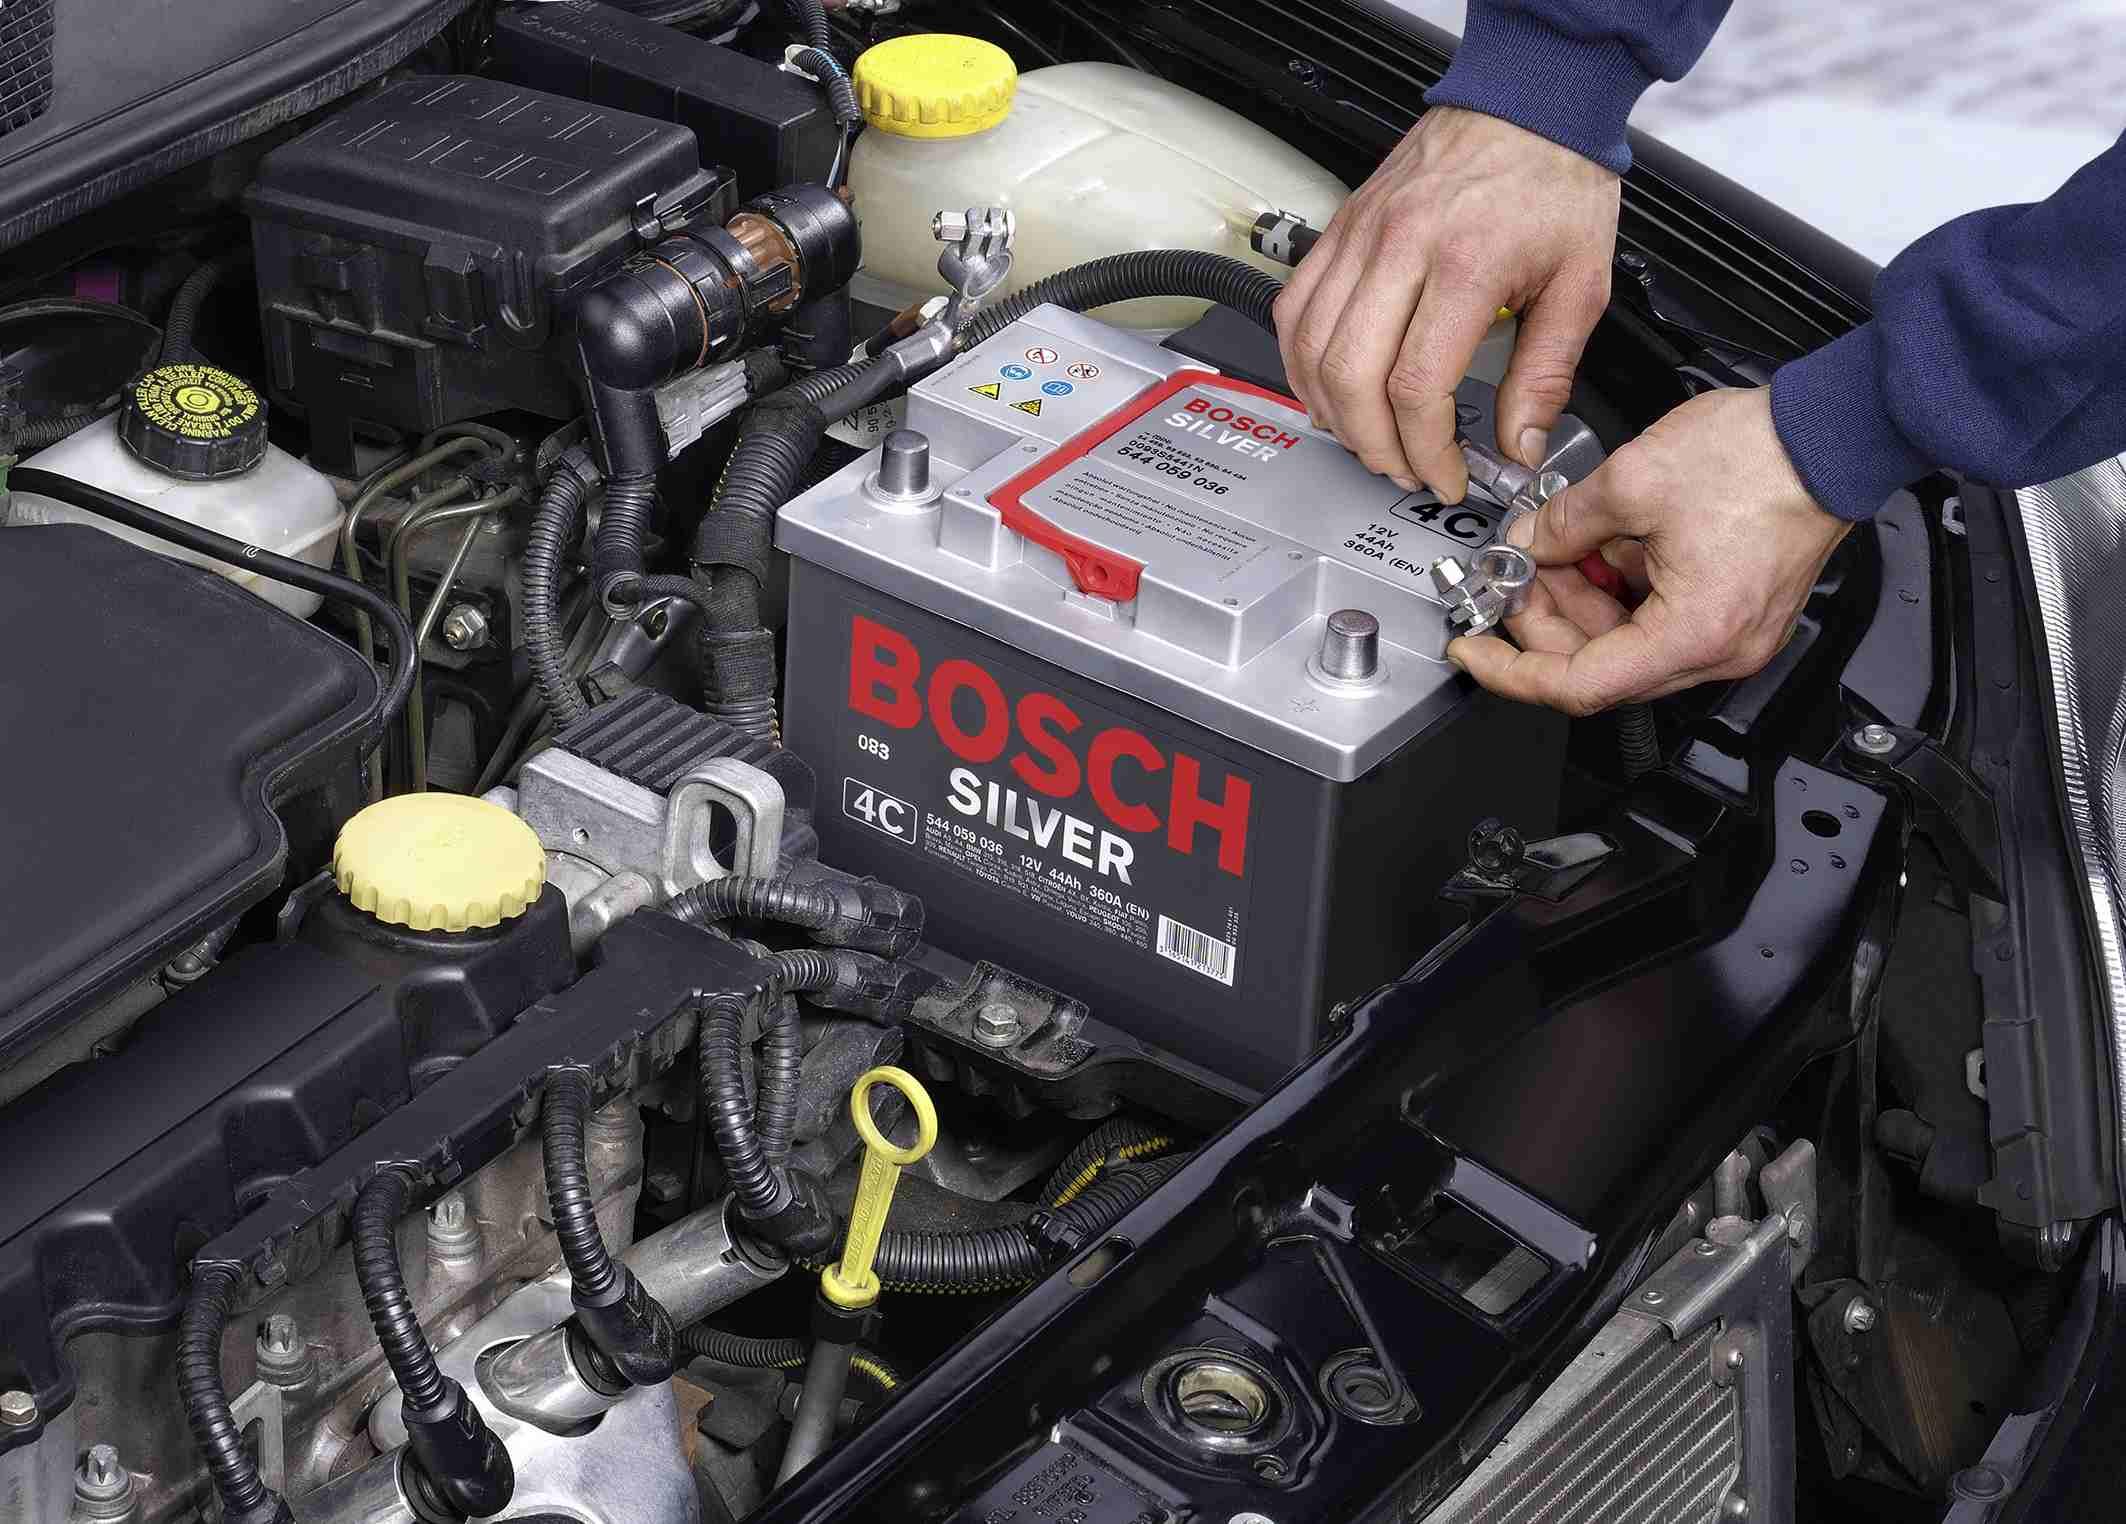 Аккумулятор: подготовка автомобиля к зиме и советы по выбору аккумуляторных батарей